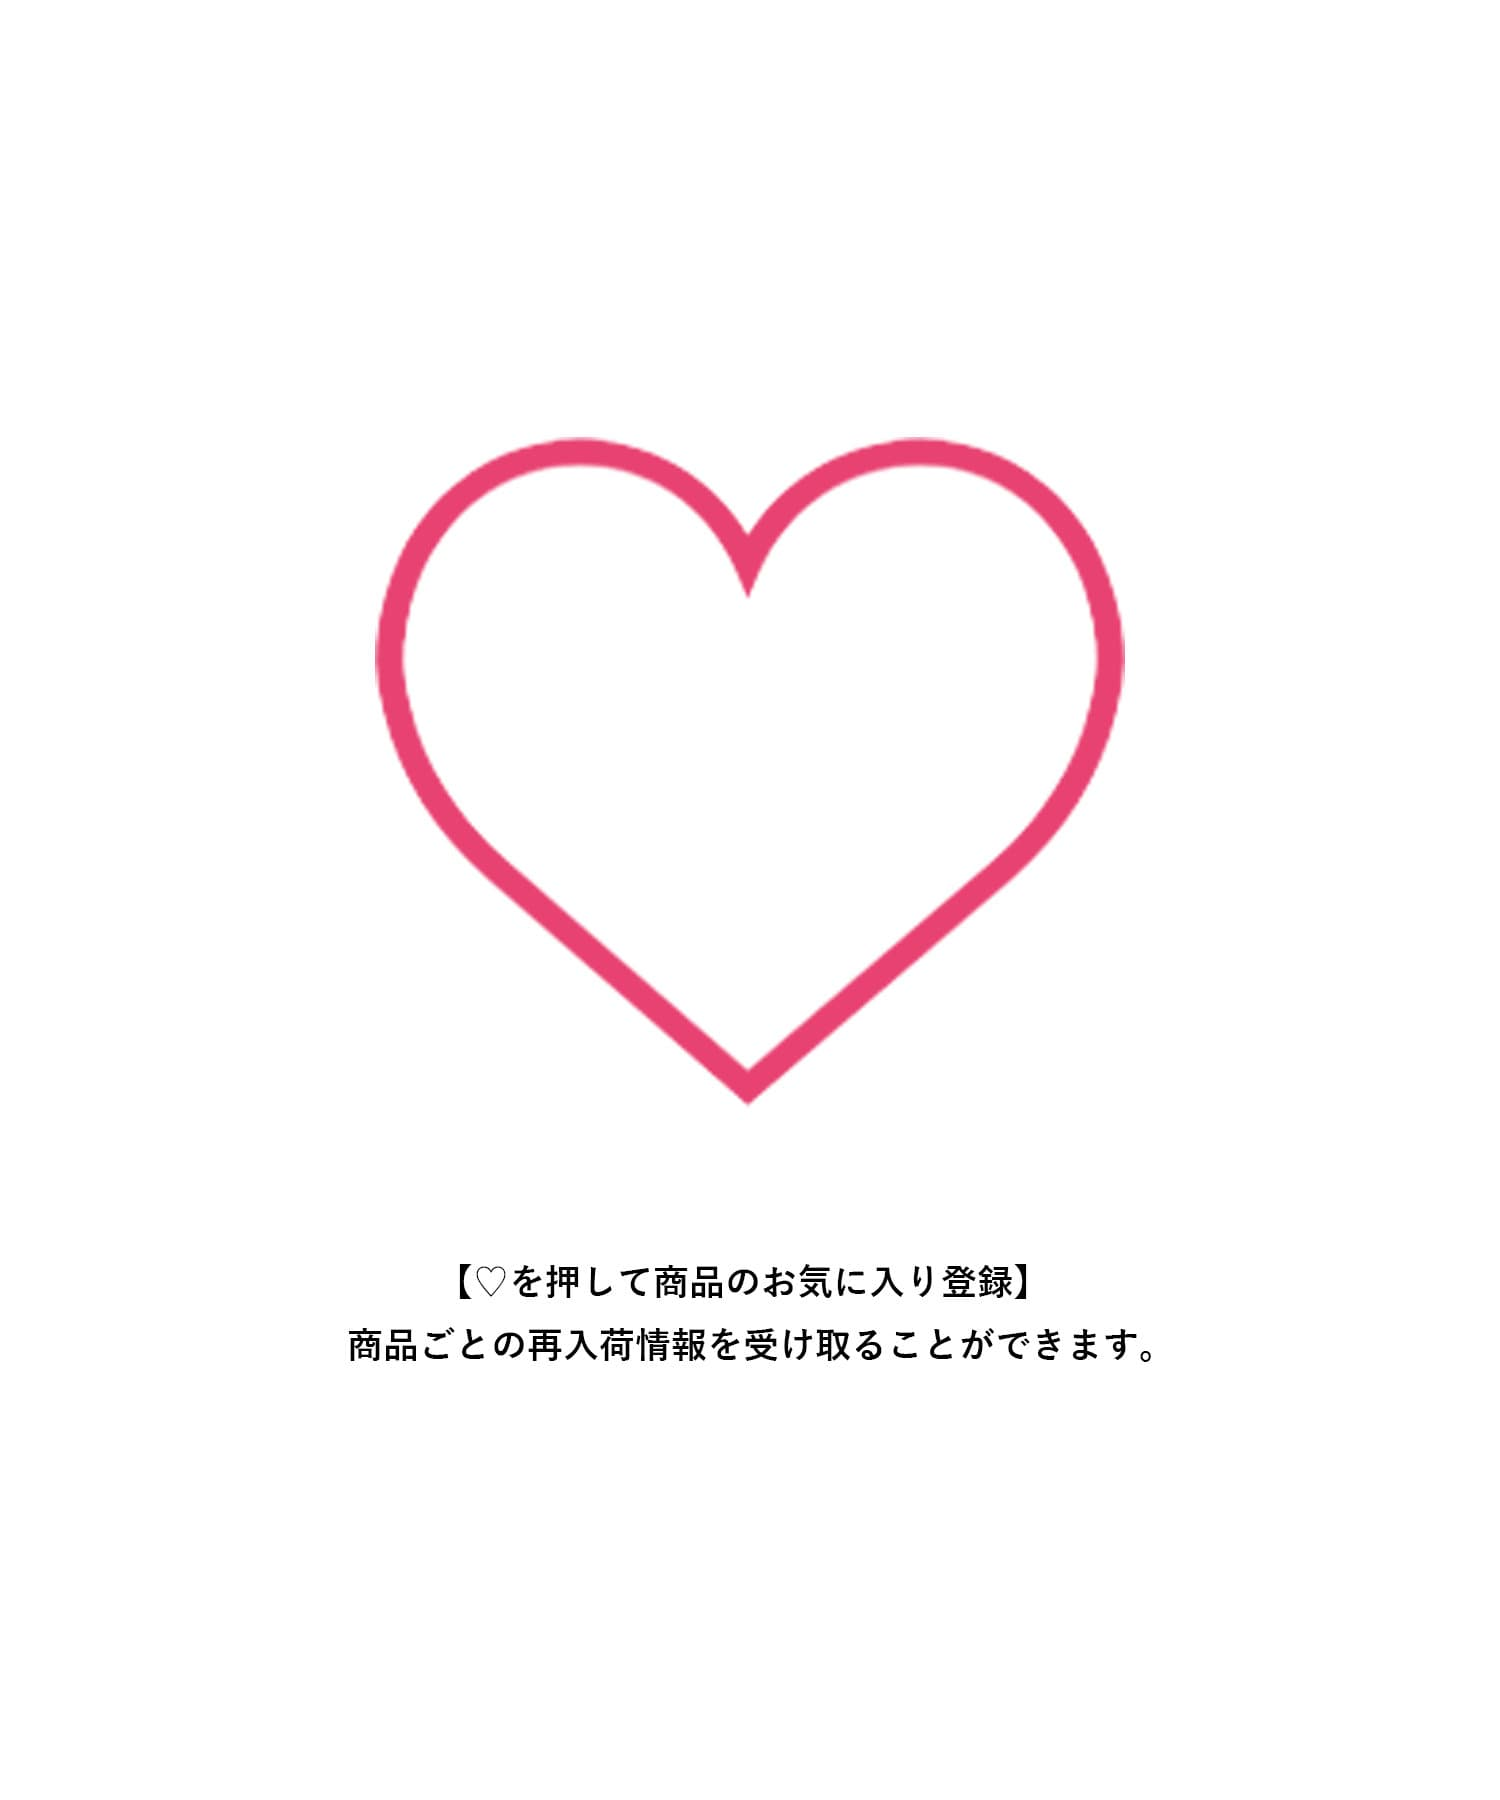 COLLAGE GALLARDAGALANTE(コラージュ ガリャルダガランテ) 【PAPILLONNER/パピヨネ】ドロップネックレス